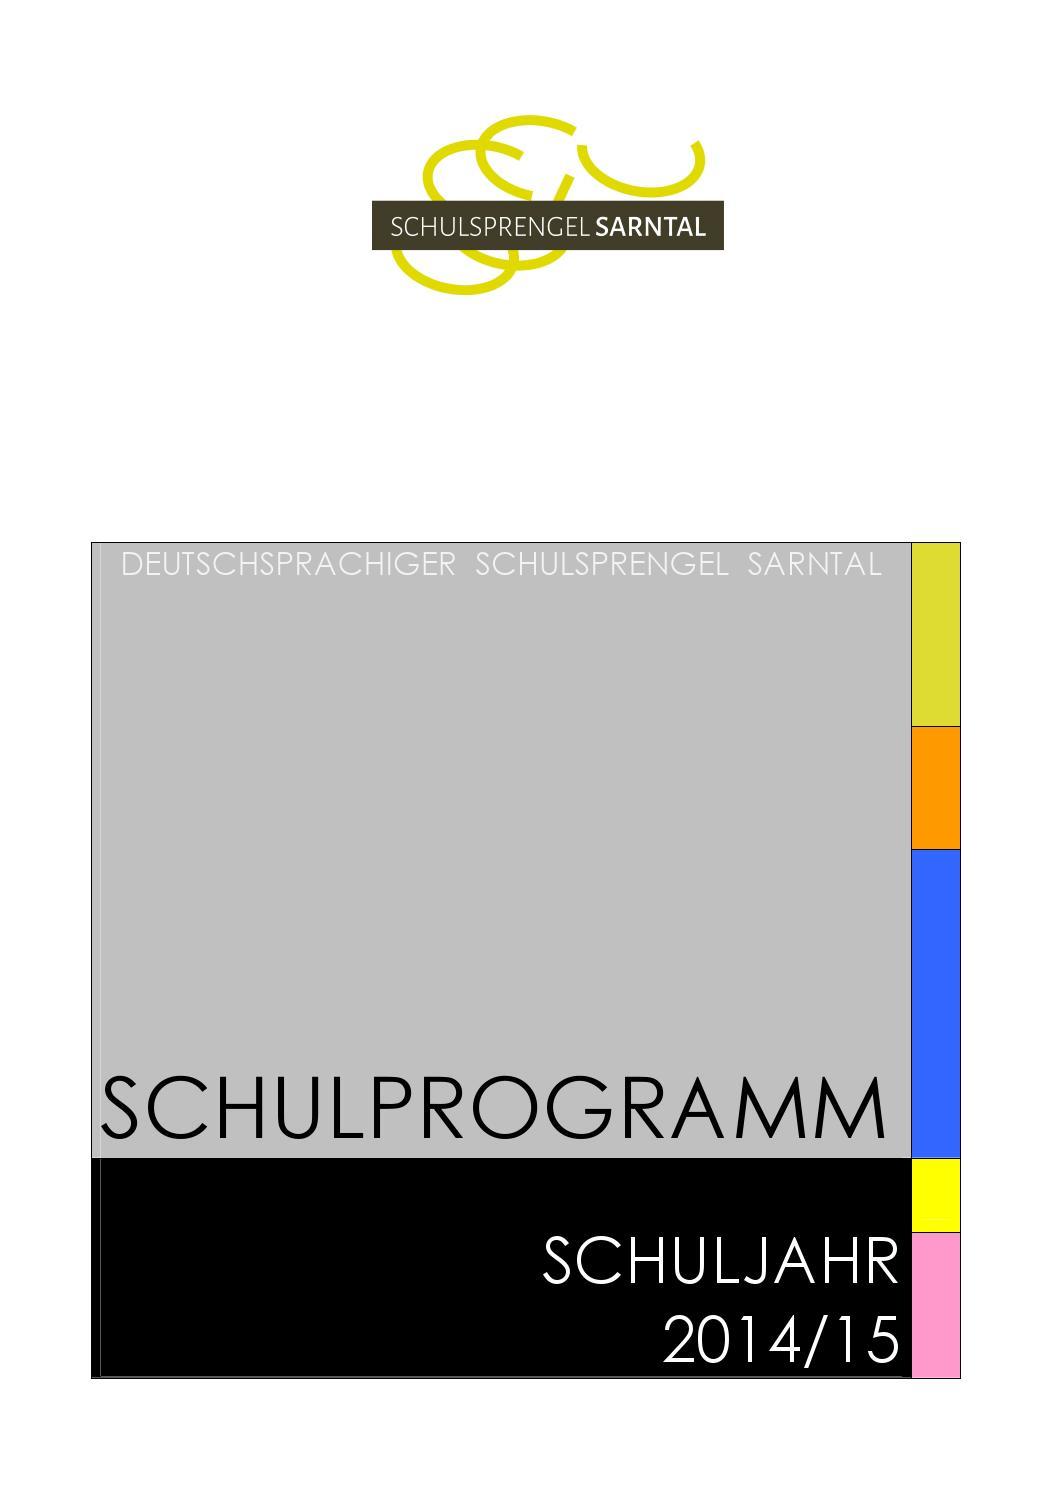 Schulprogramm 2014 2015 30 03 2015 by Schulsprengel Sarntal - issuu